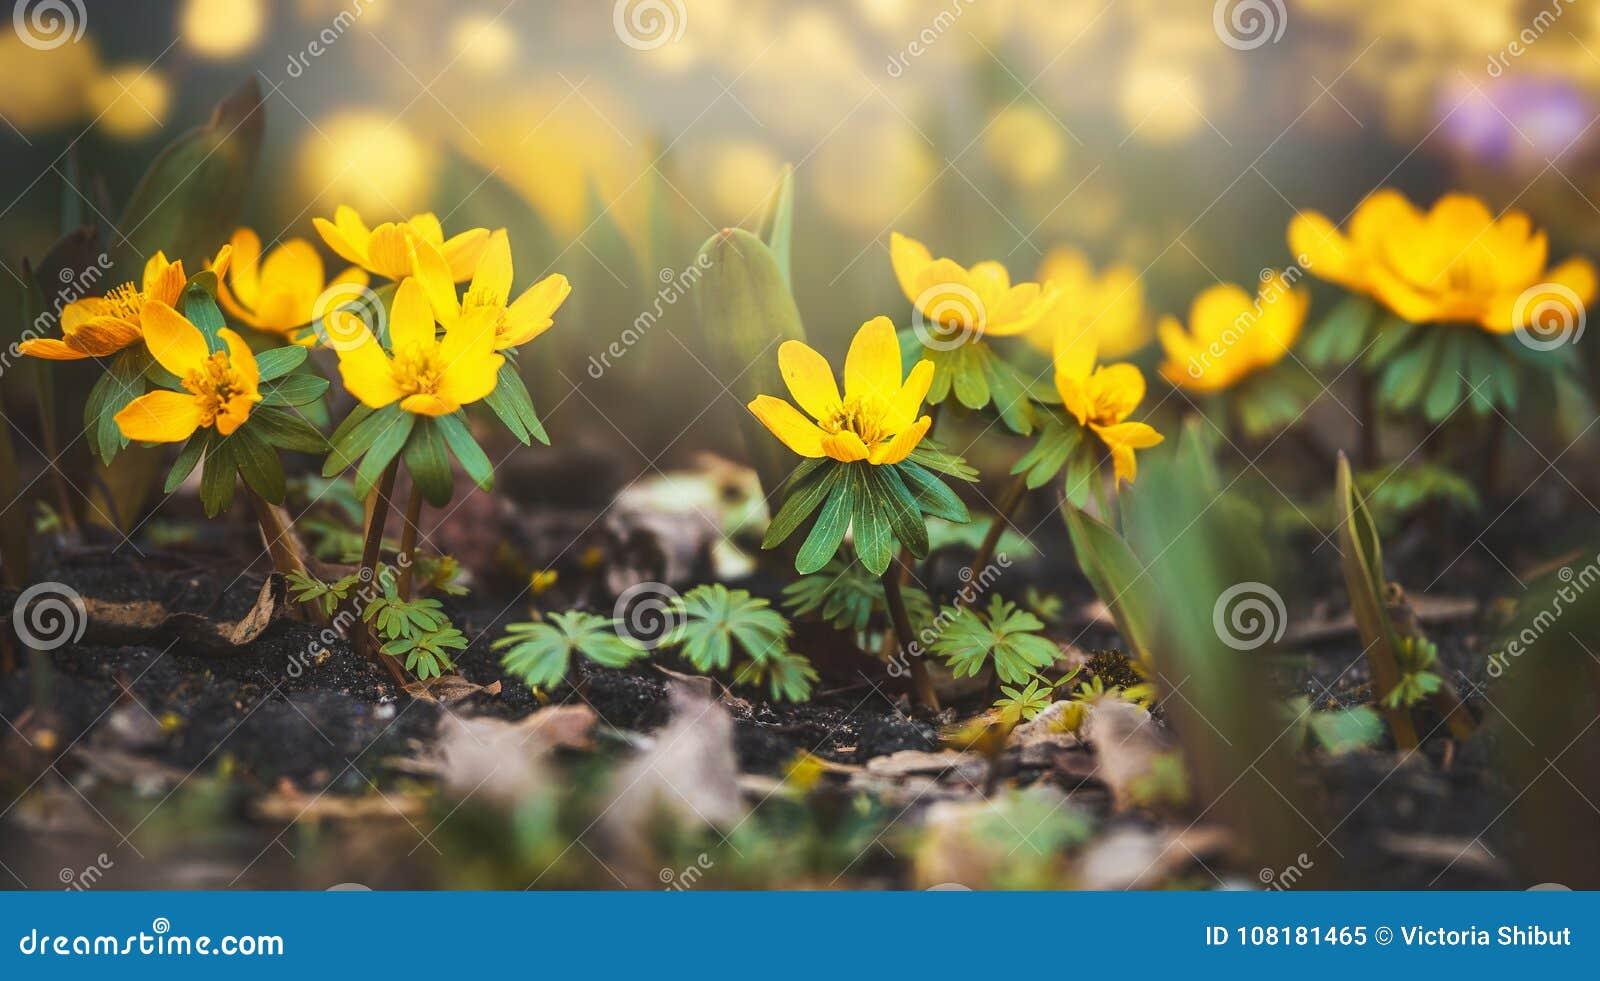 Foto Fiori Gialli.Fiori Gialli Selvaggi Del Ranuncolo Primavera Immagine Stock